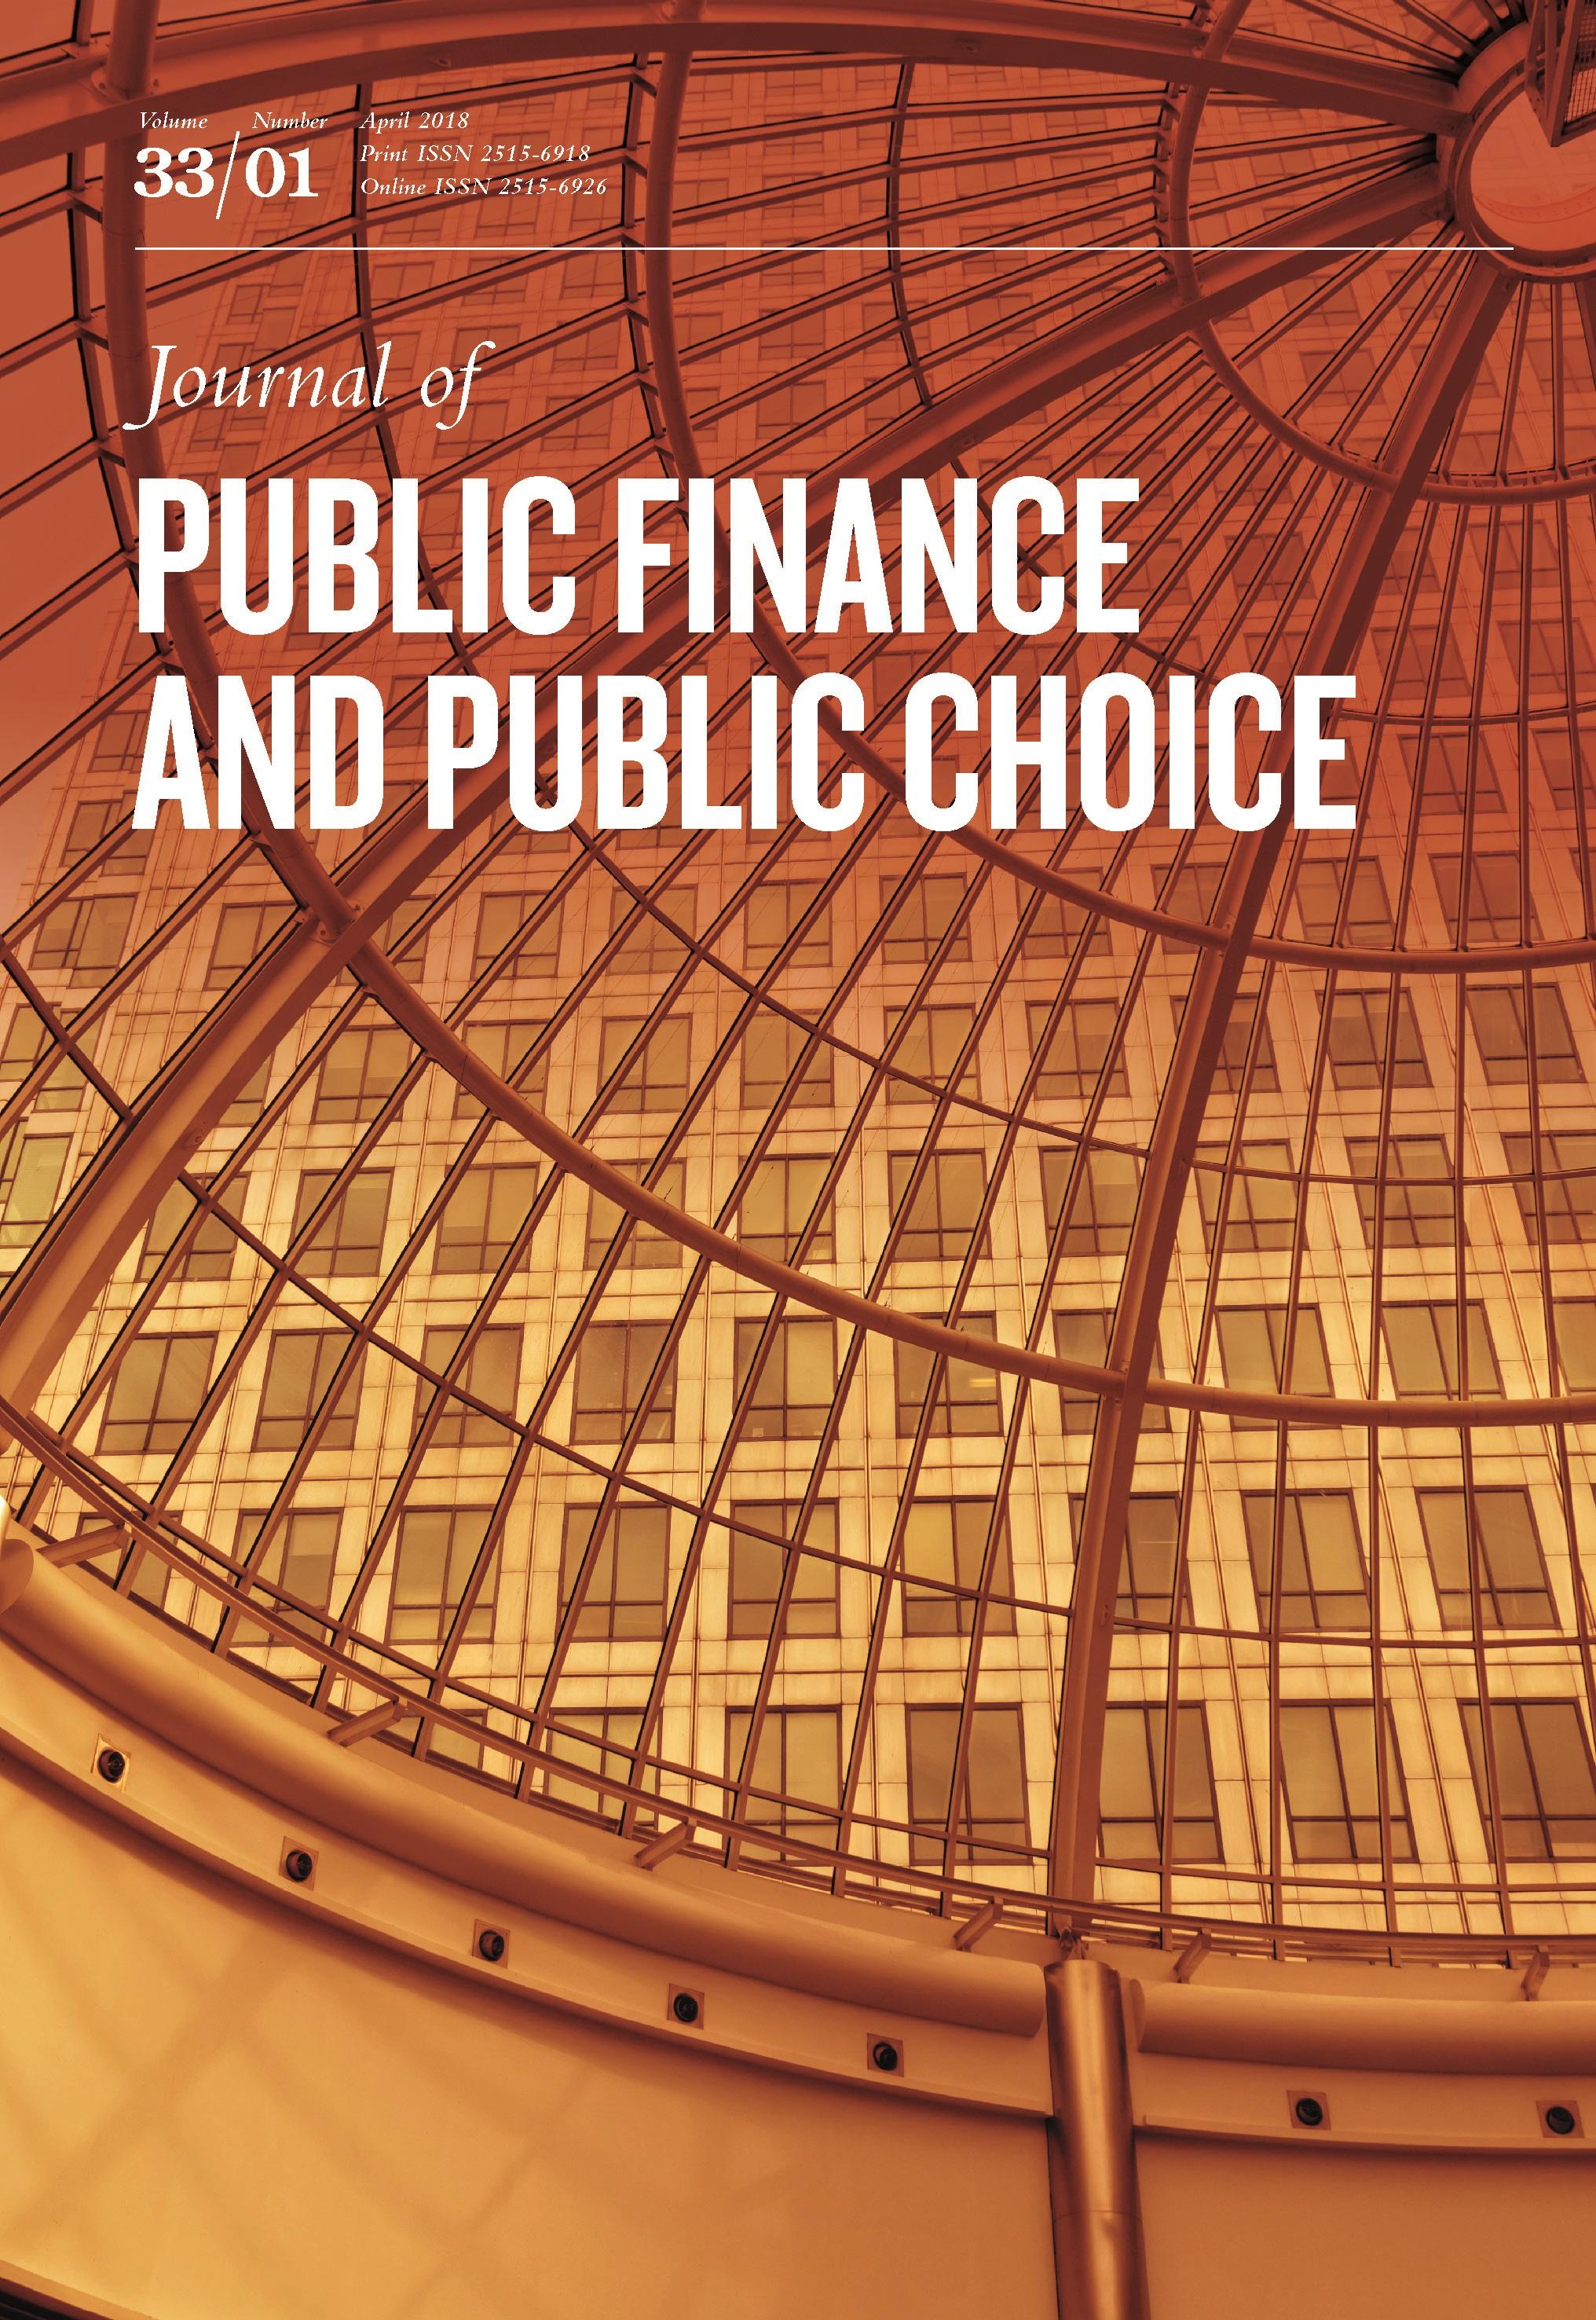 JPFPC cover no logo